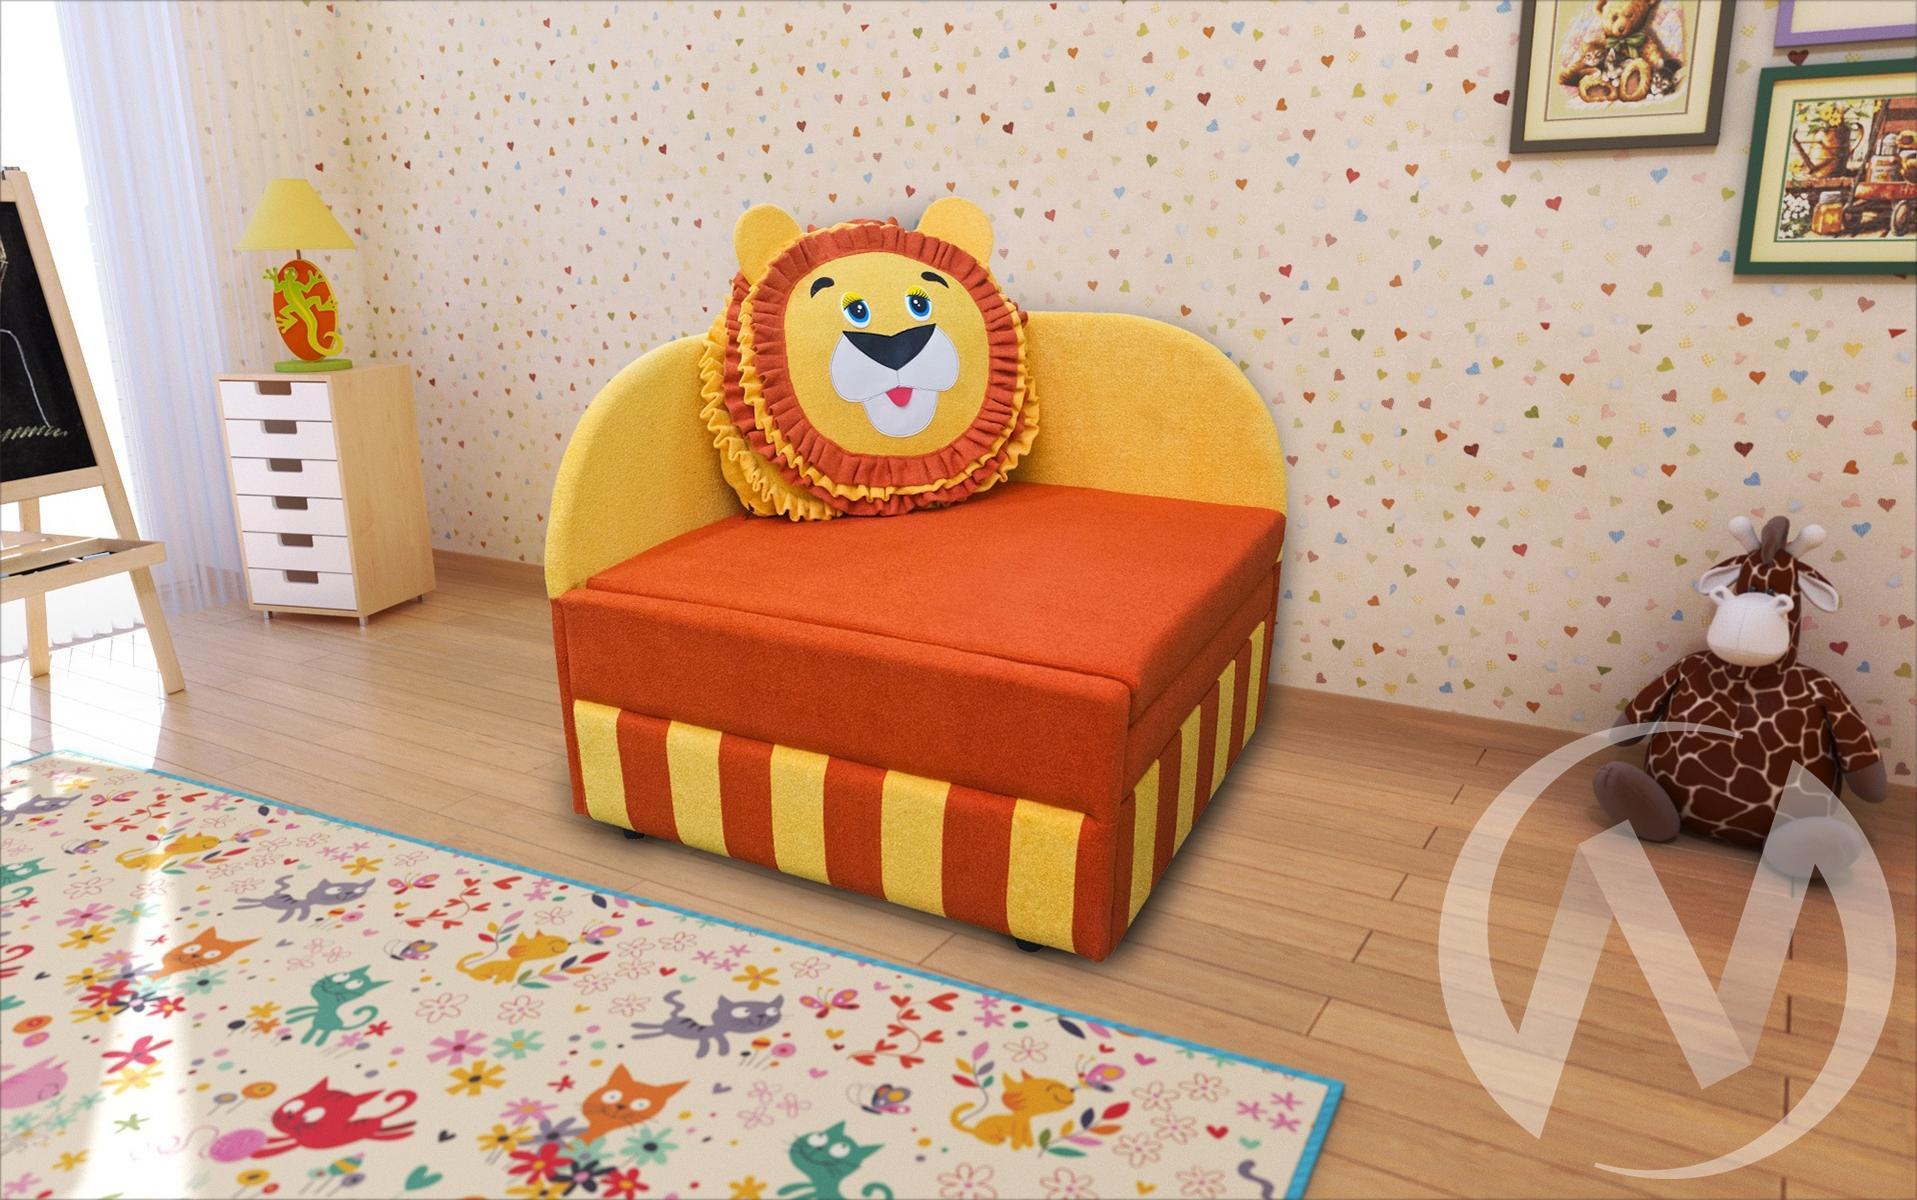 Лев диван детский левый недорого в Томске — интернет-магазин авторской мебели Экостиль